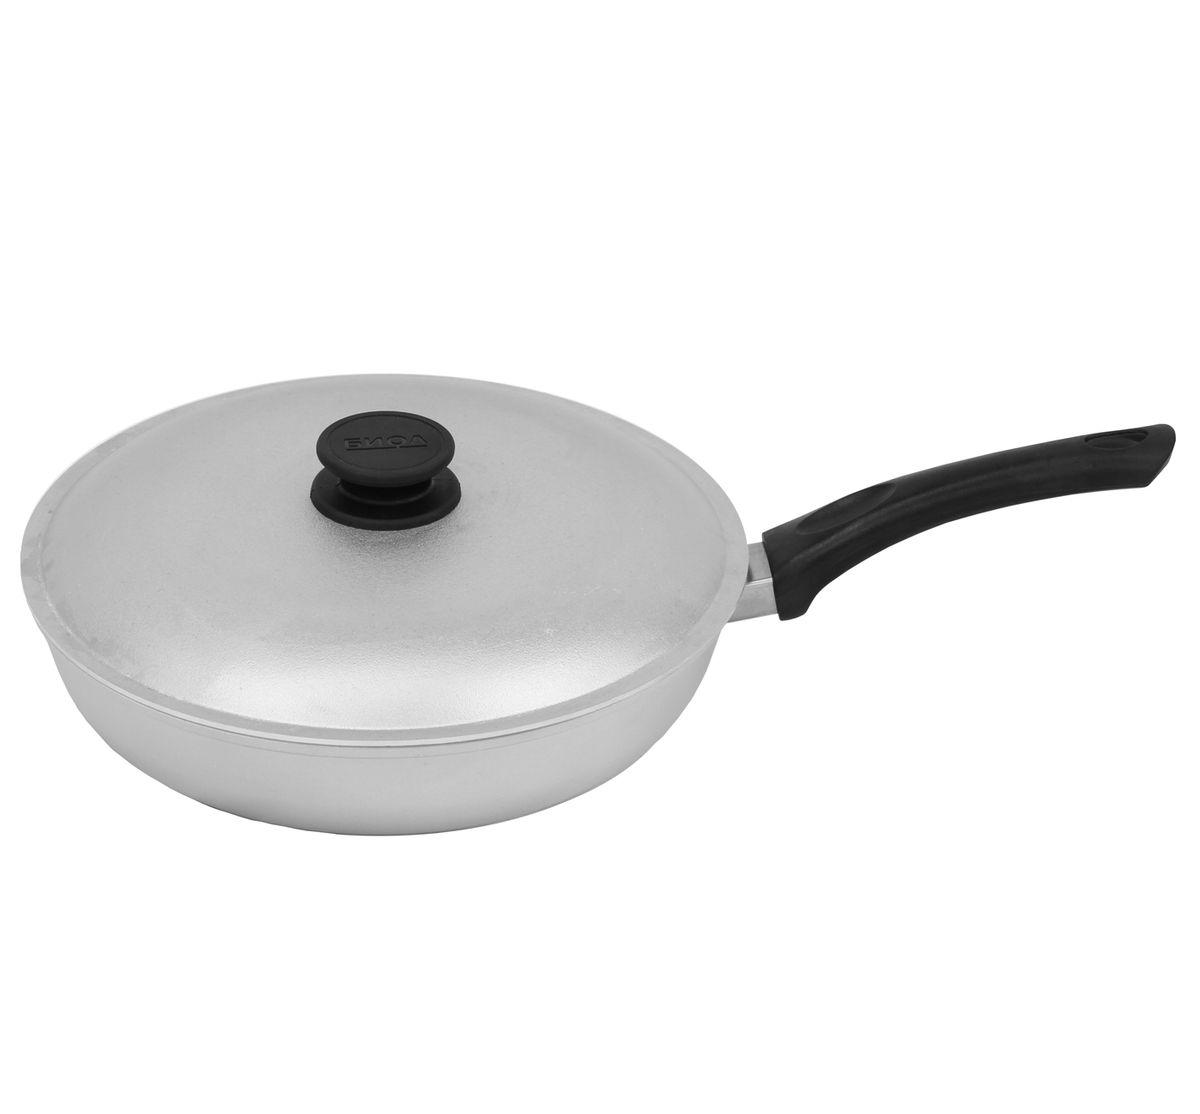 Сковорода, диаметр 28 см, с пластиковой ручкой и крышкой БИОЛА283